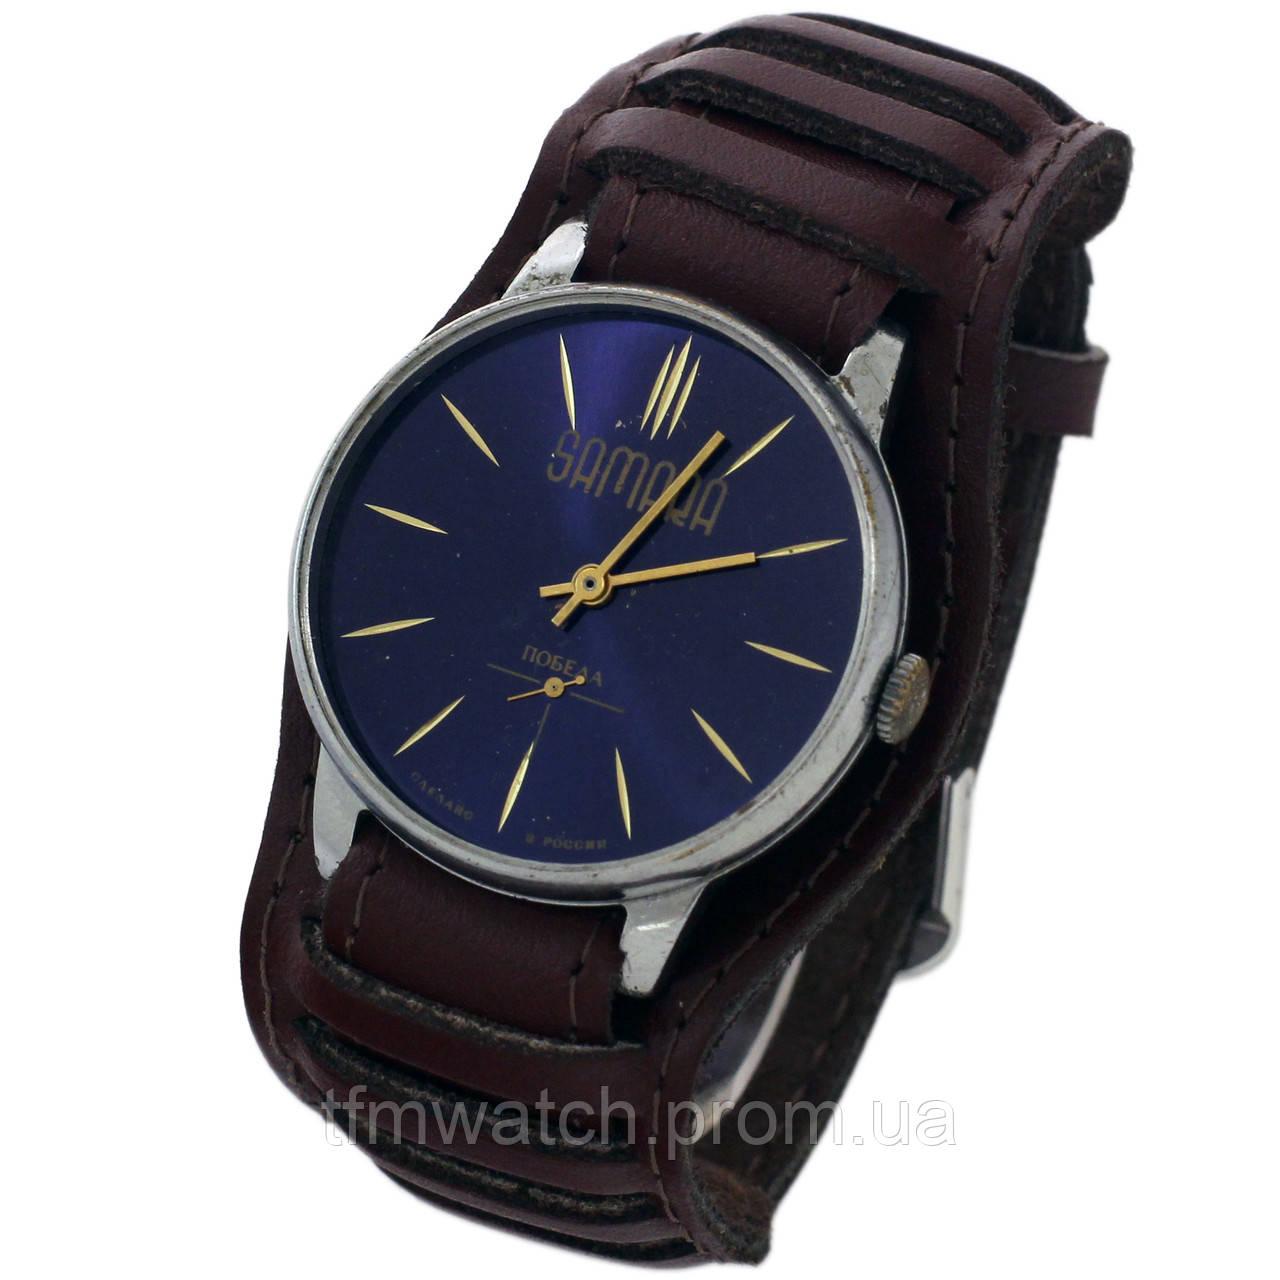 Механические часы купить самара часы breguet hora mundi купить